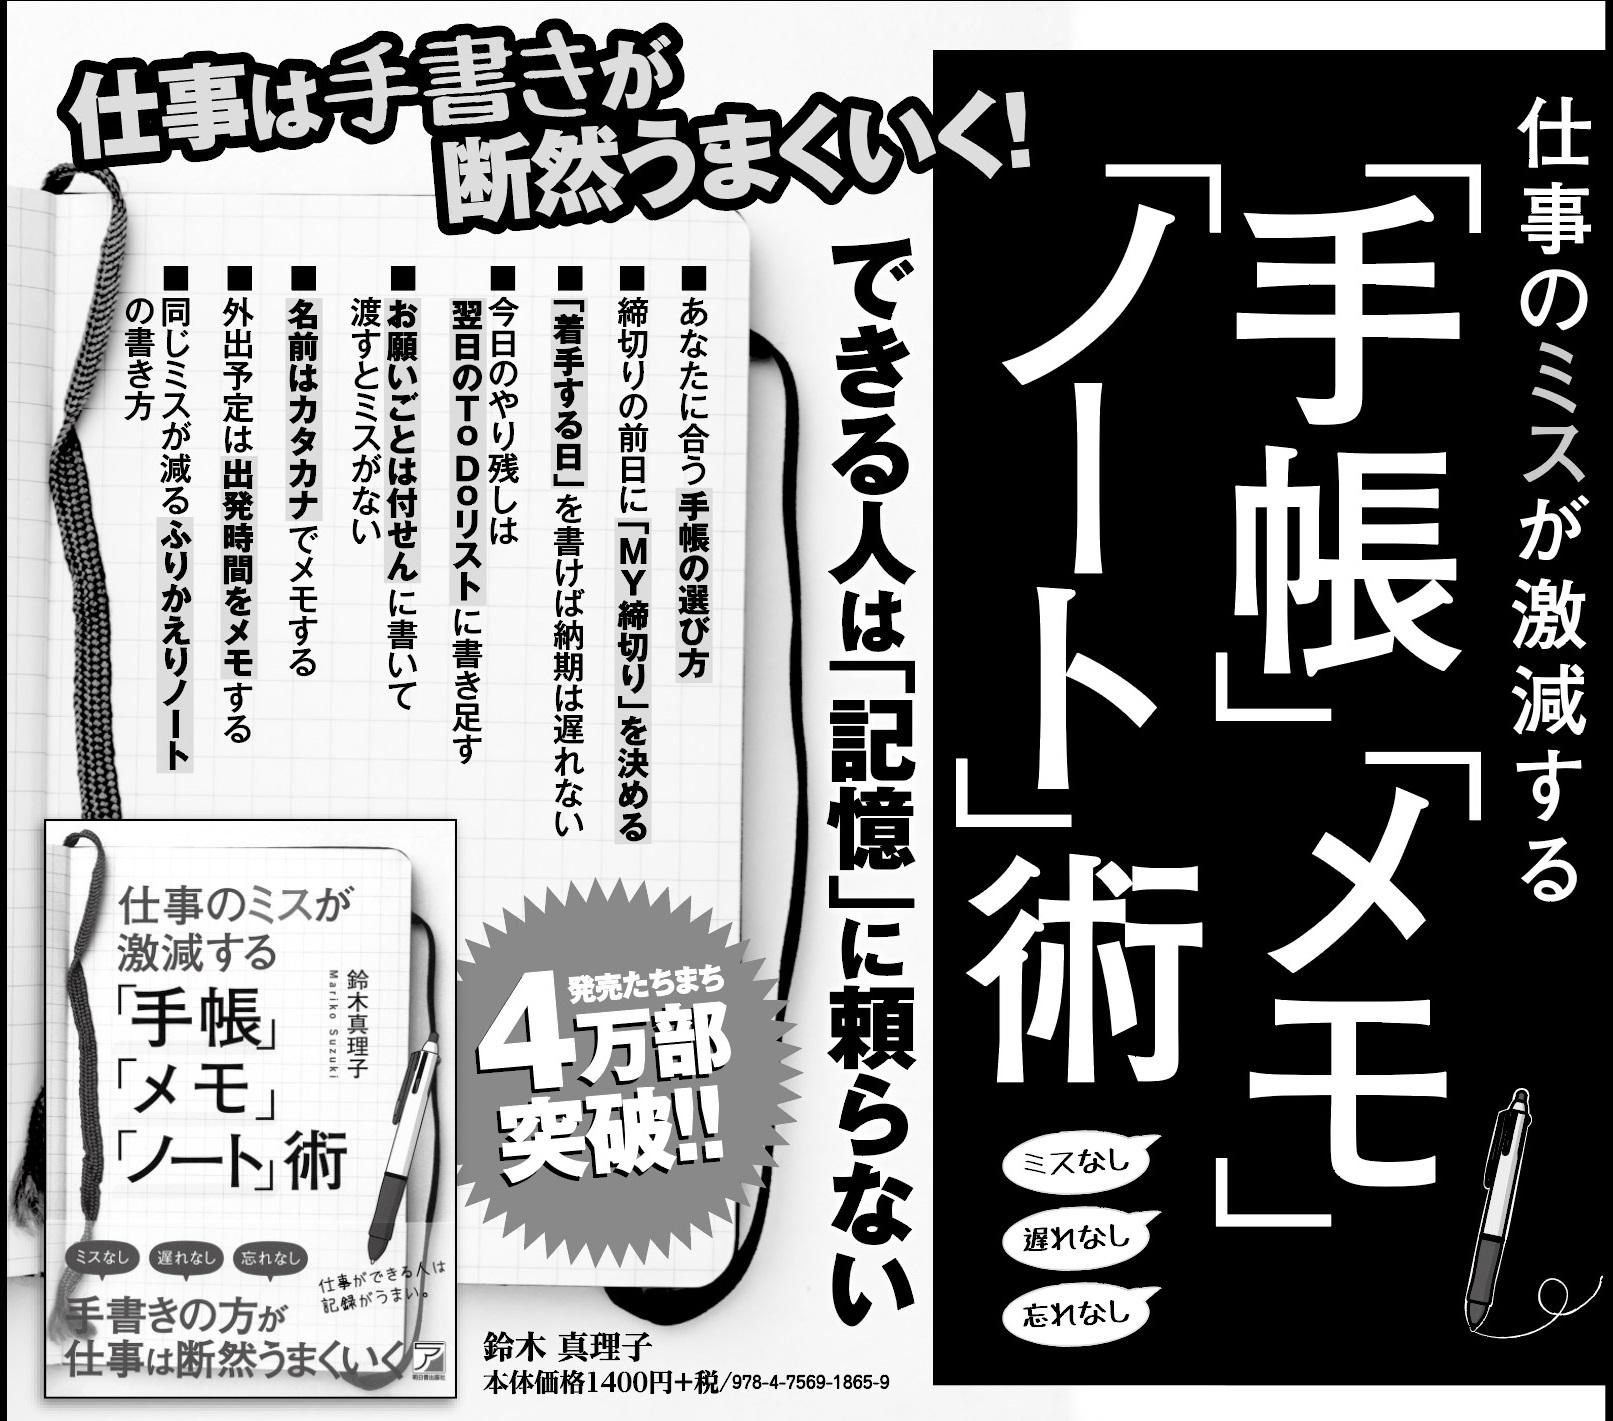 1/13日経新聞朝刊に新著の広告が掲載されました。